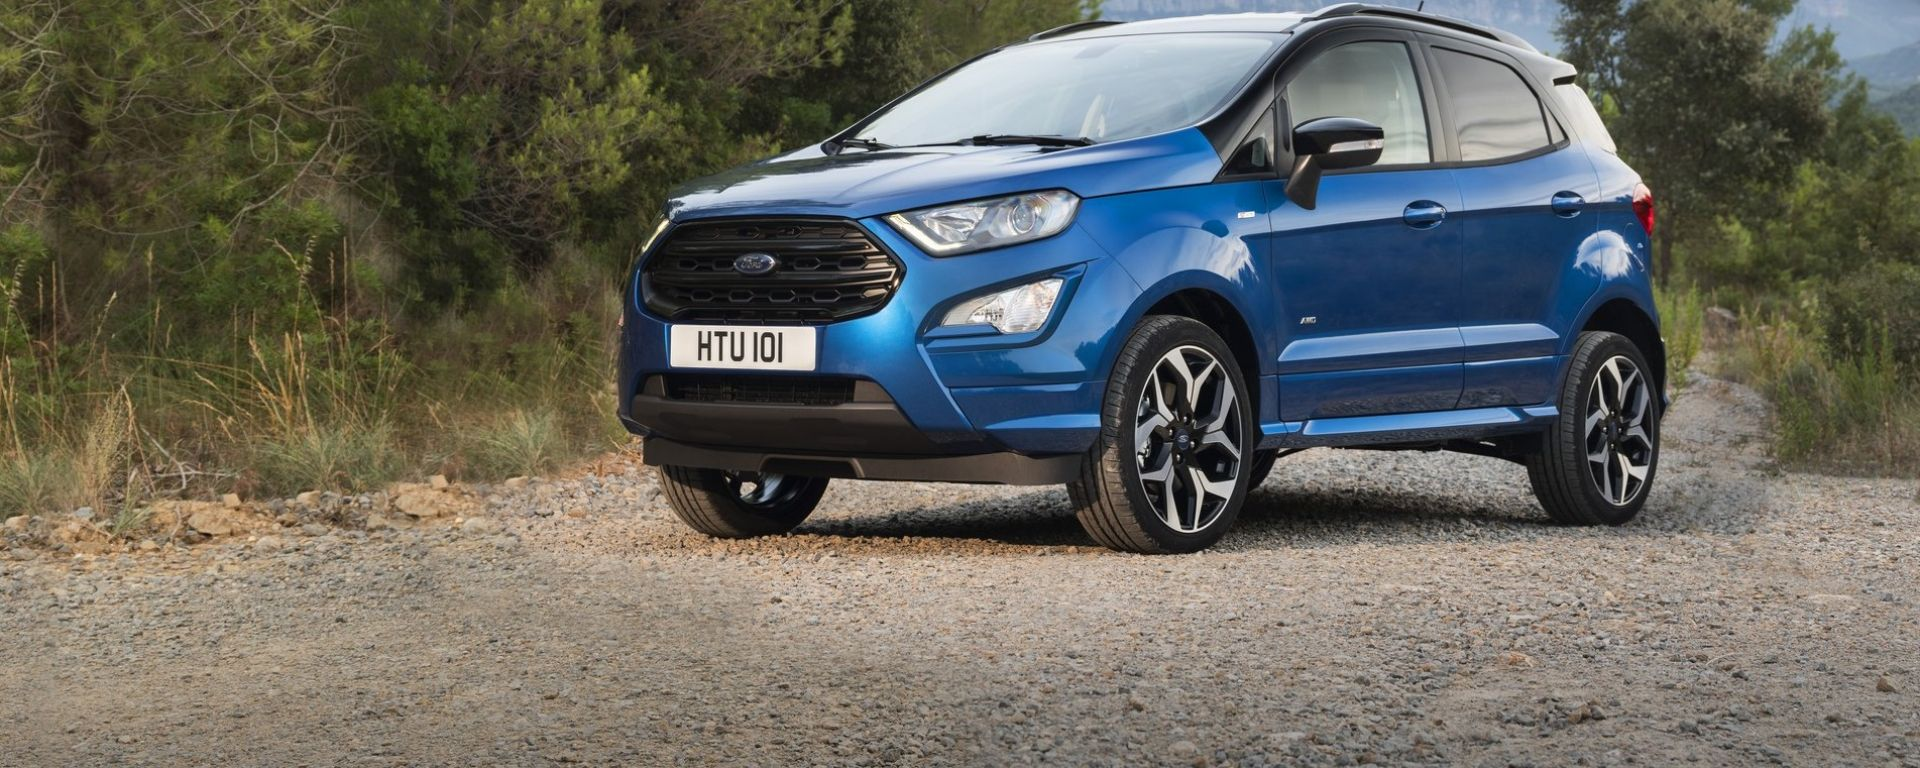 Ford EcoSport 2018, anche a trazione integrale